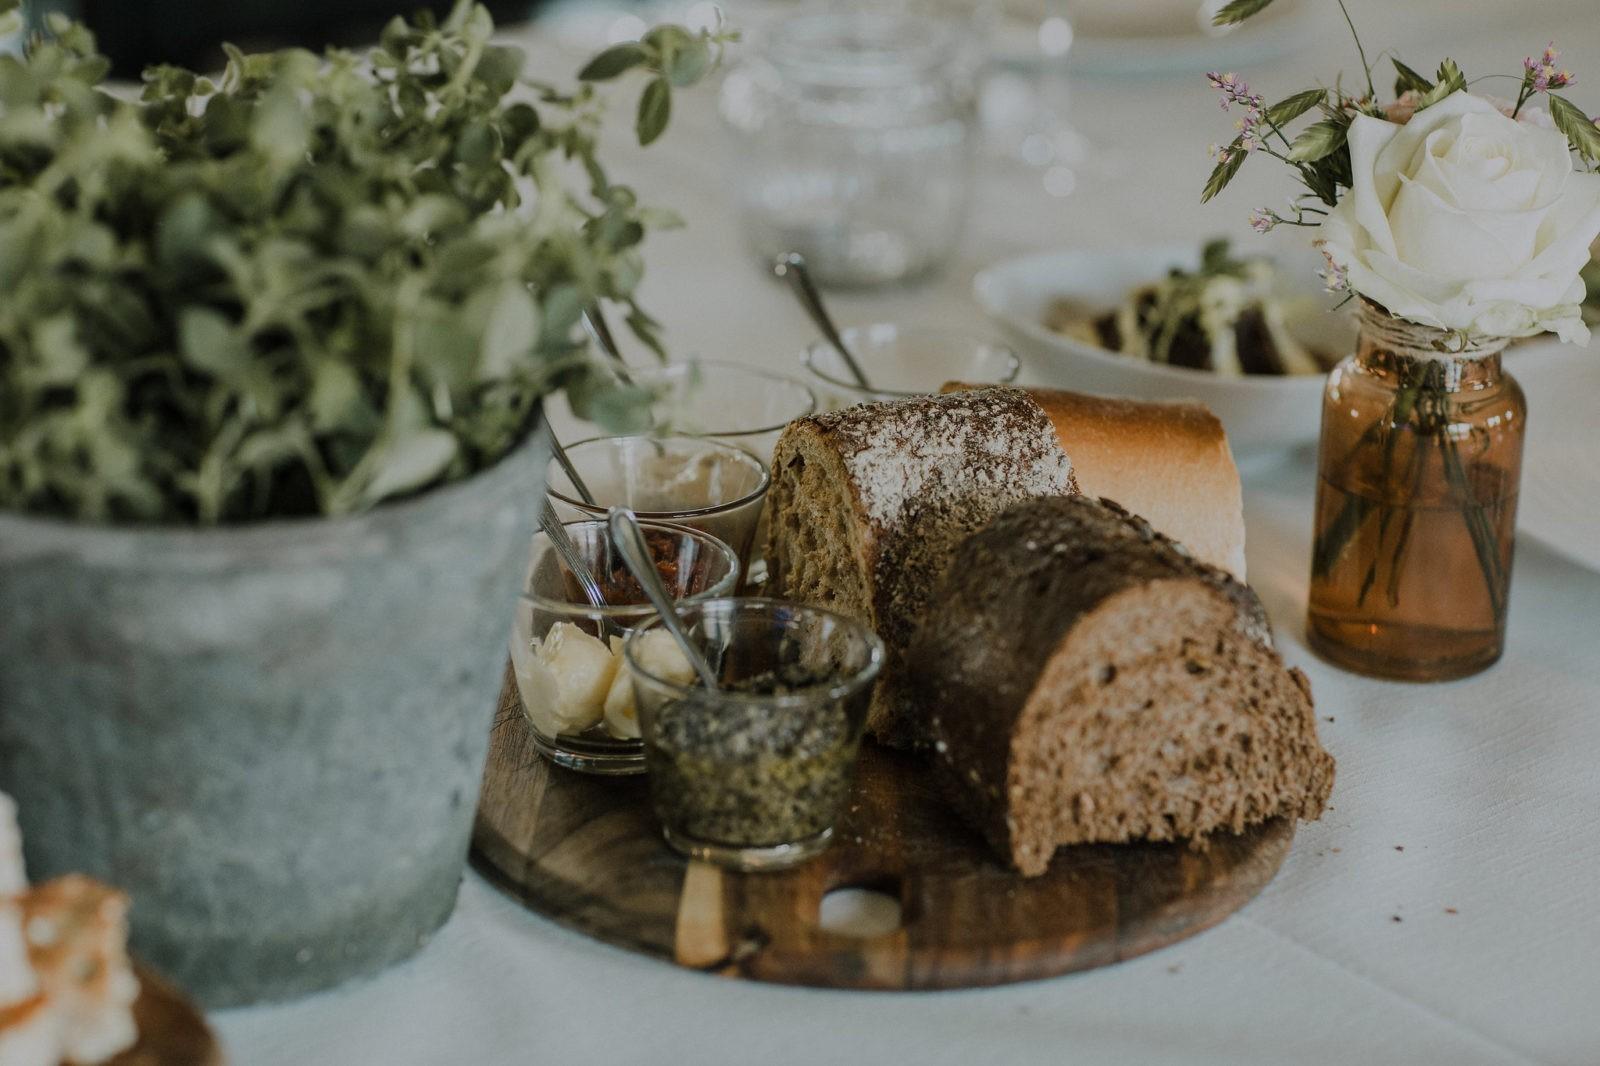 Broodplank huwelijksdiner Boothuis Welgelegen Groenlo